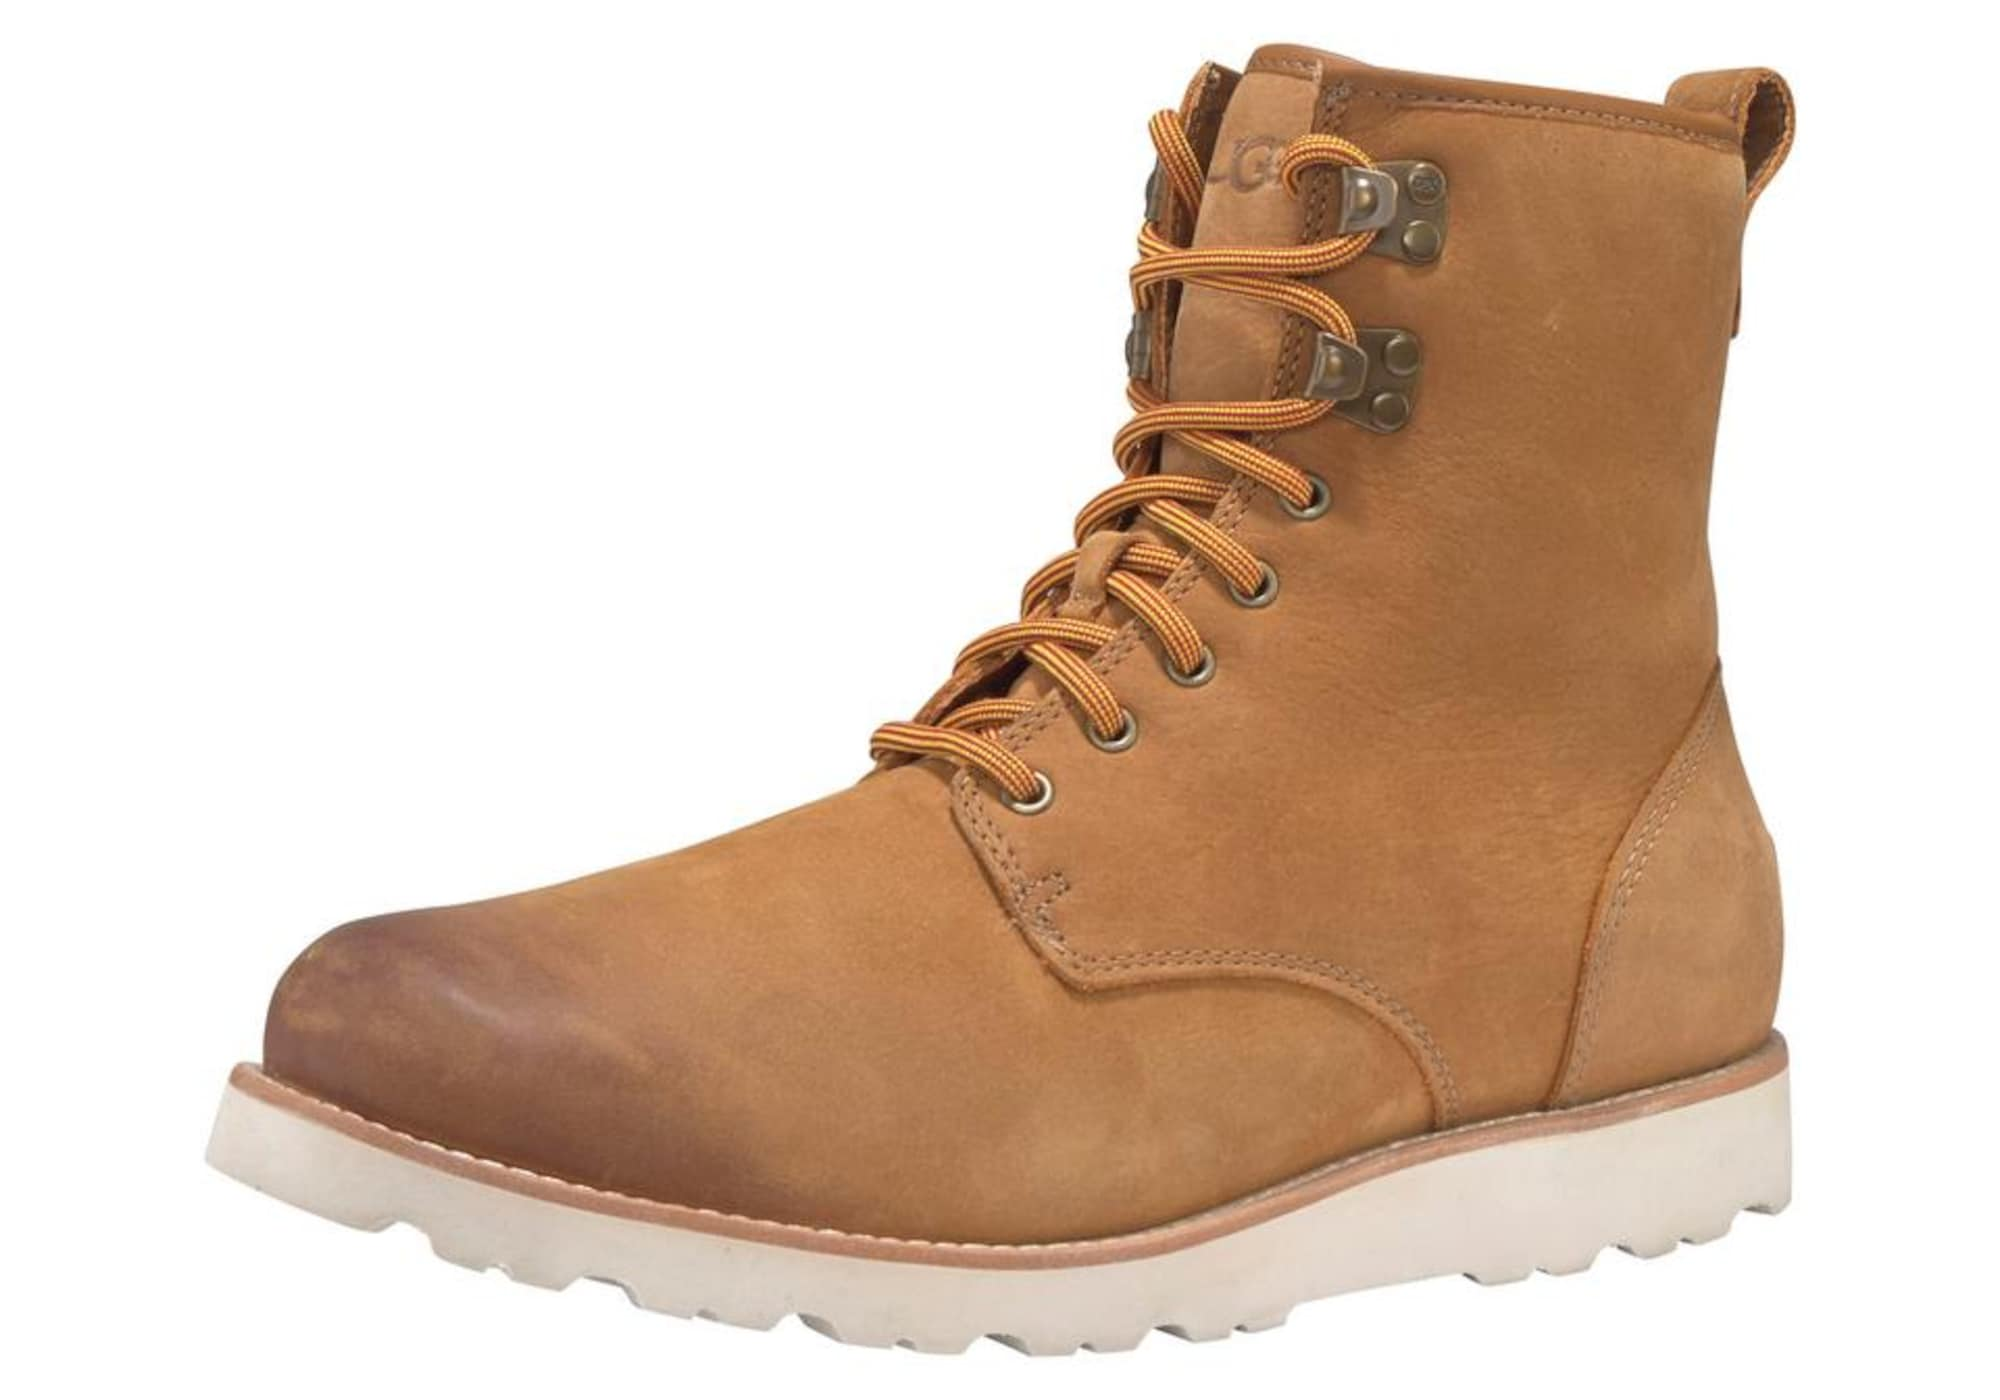 Schnürboots 'Hannen TL' | Schuhe > Boots | Cognac | Ugg